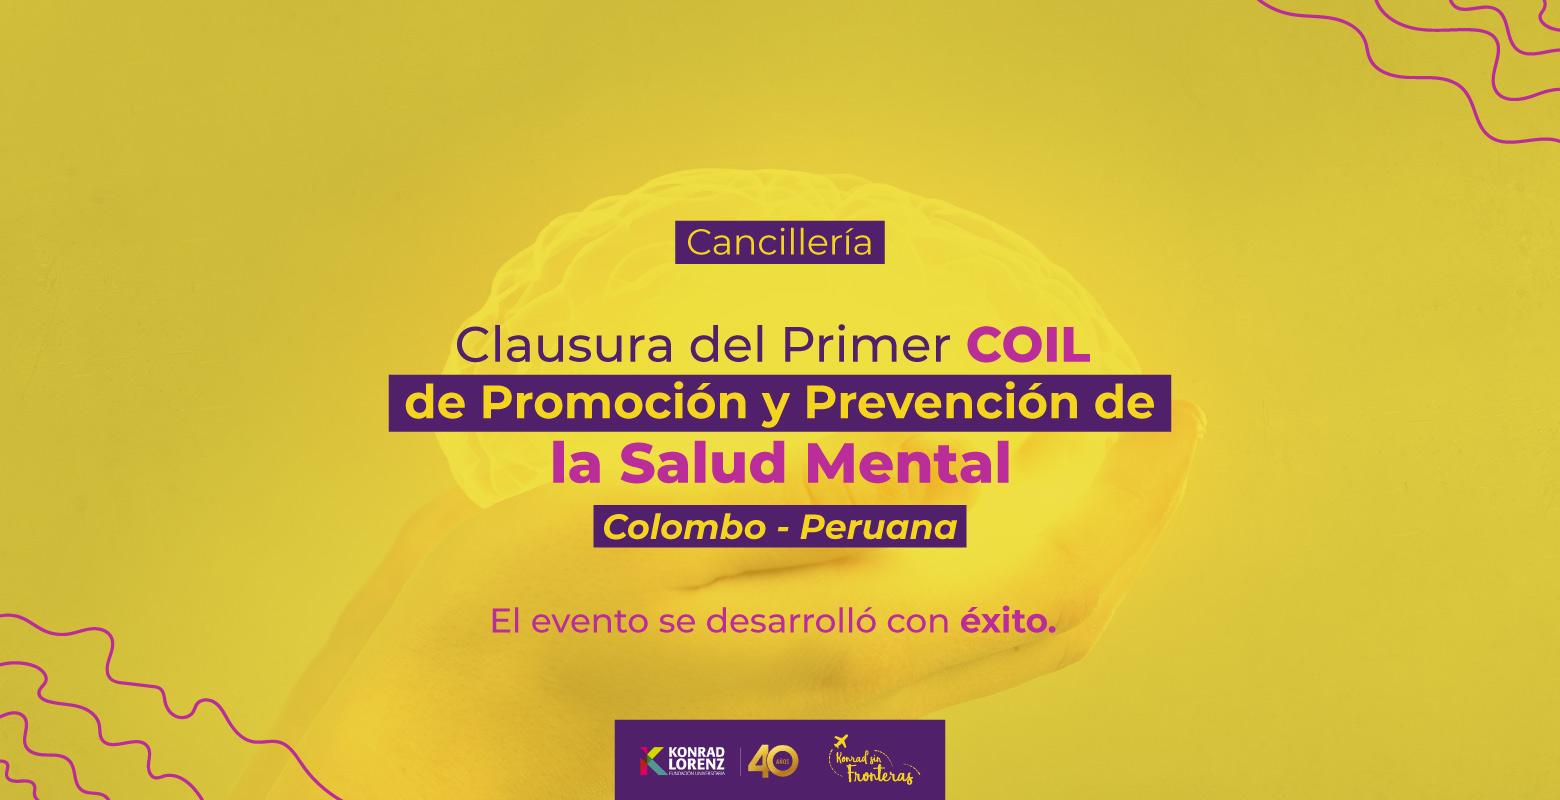 Cancillería: Clausura del Primer COIL de Promoción y Prevención de la Salud Mental Colombo - Peruana